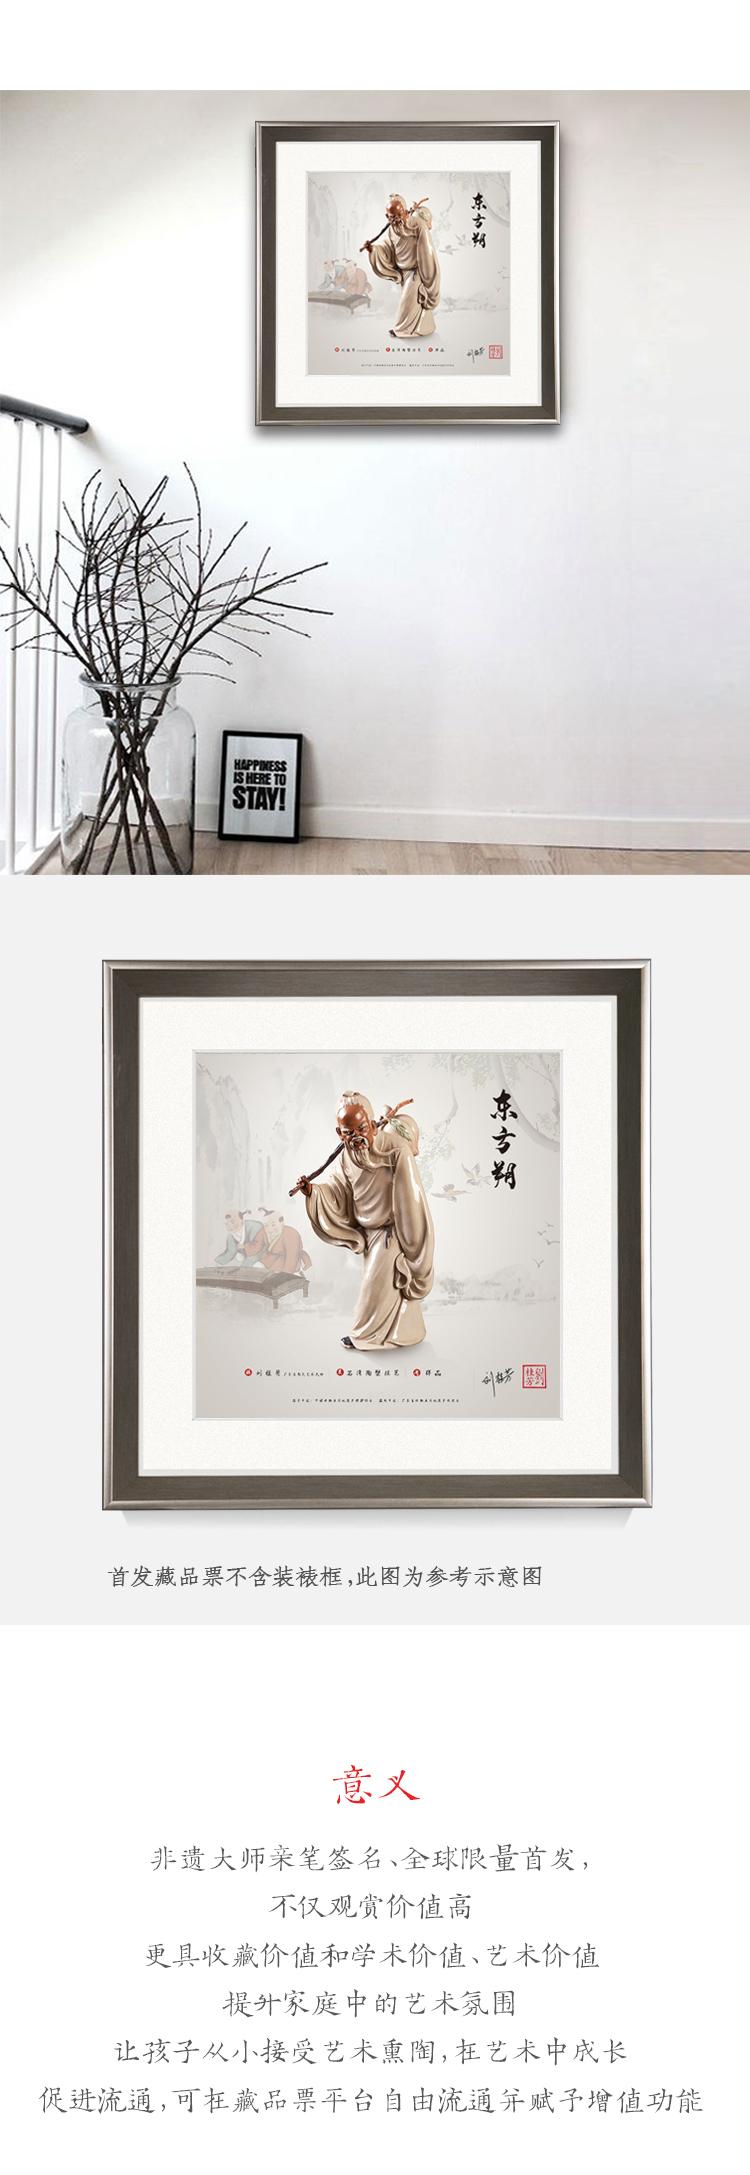 刘桂芳-东方朔_05.jpg